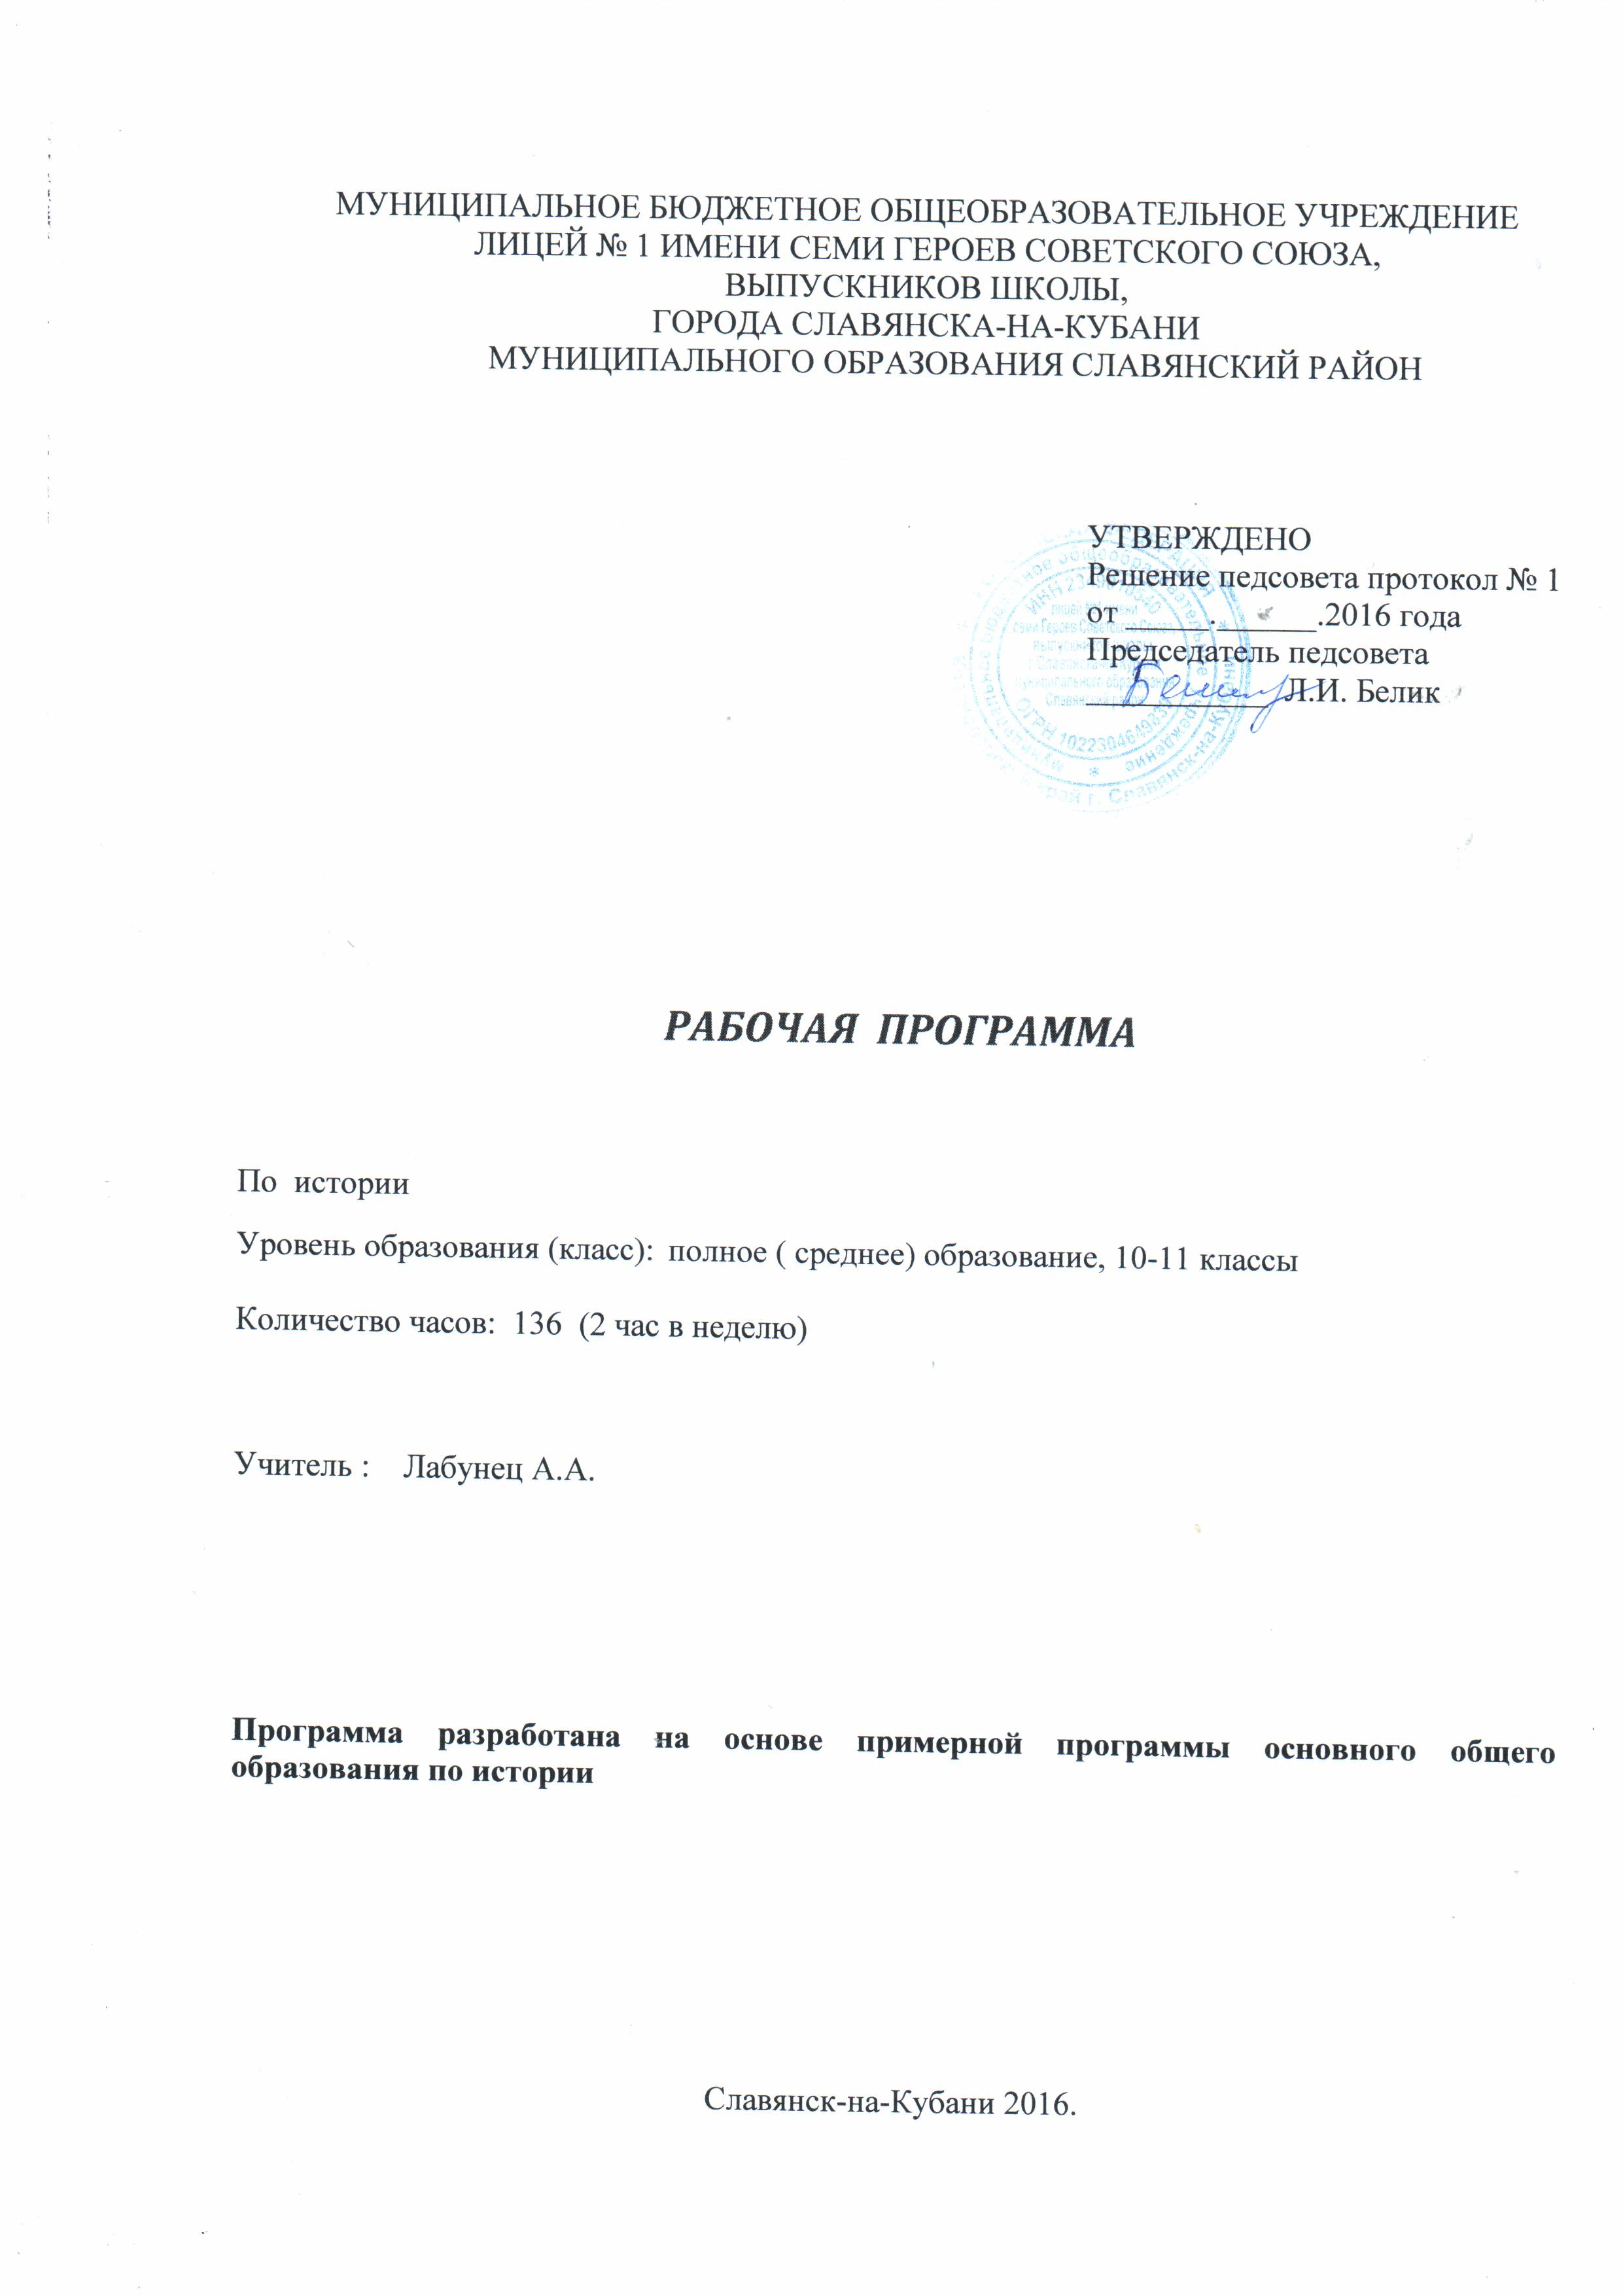 Программа кружка по русскому языку для 10-11 классов